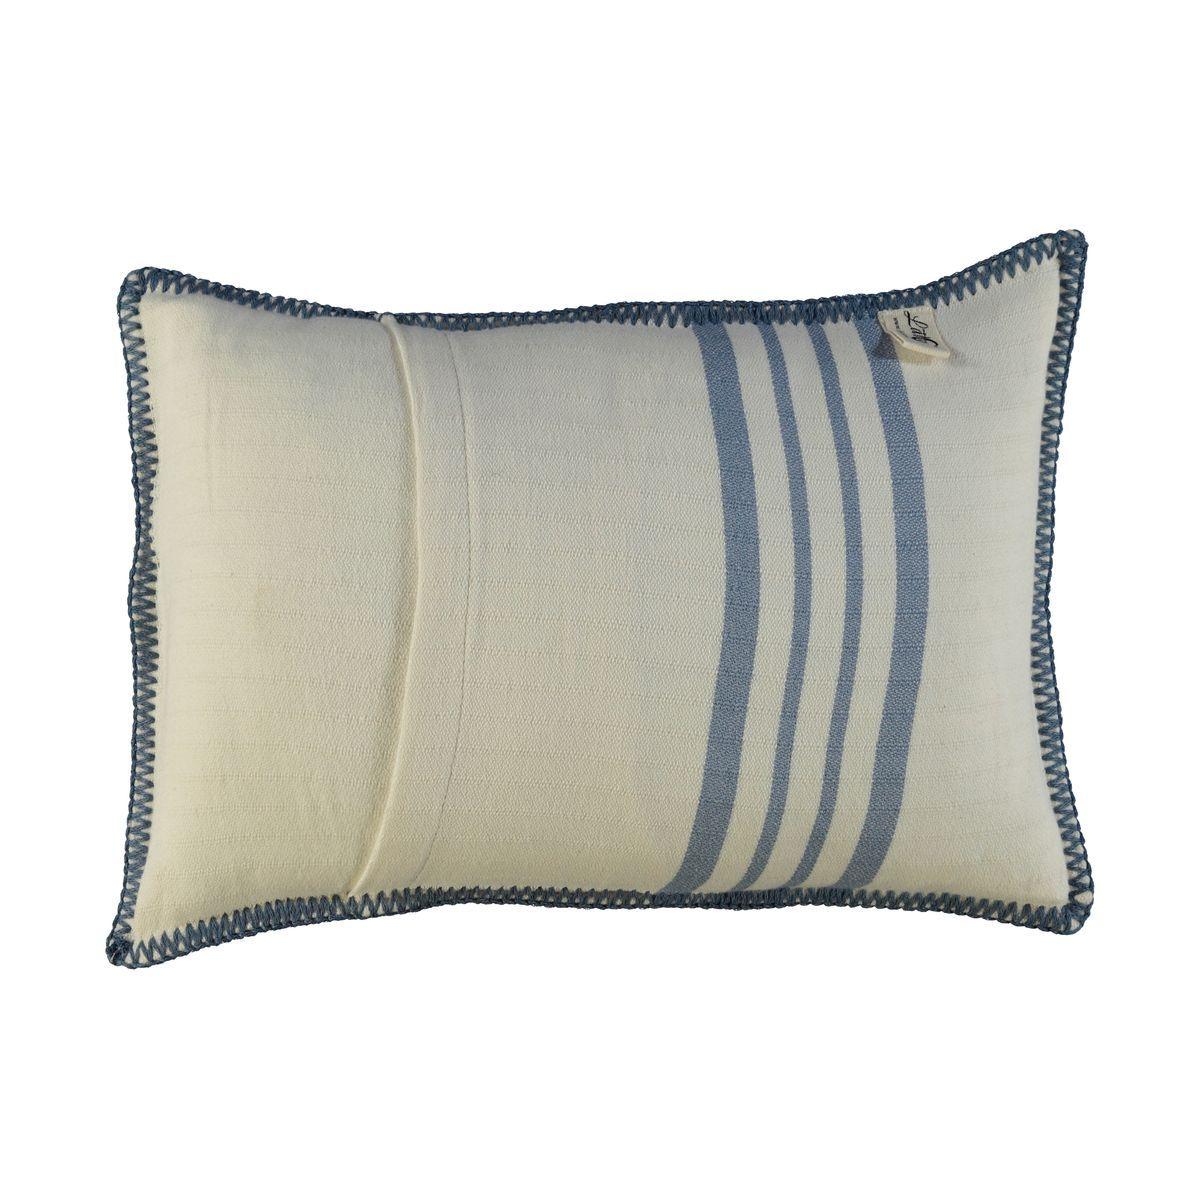 Cushion Cover Sultan - Air Blue Stripes / 30x40